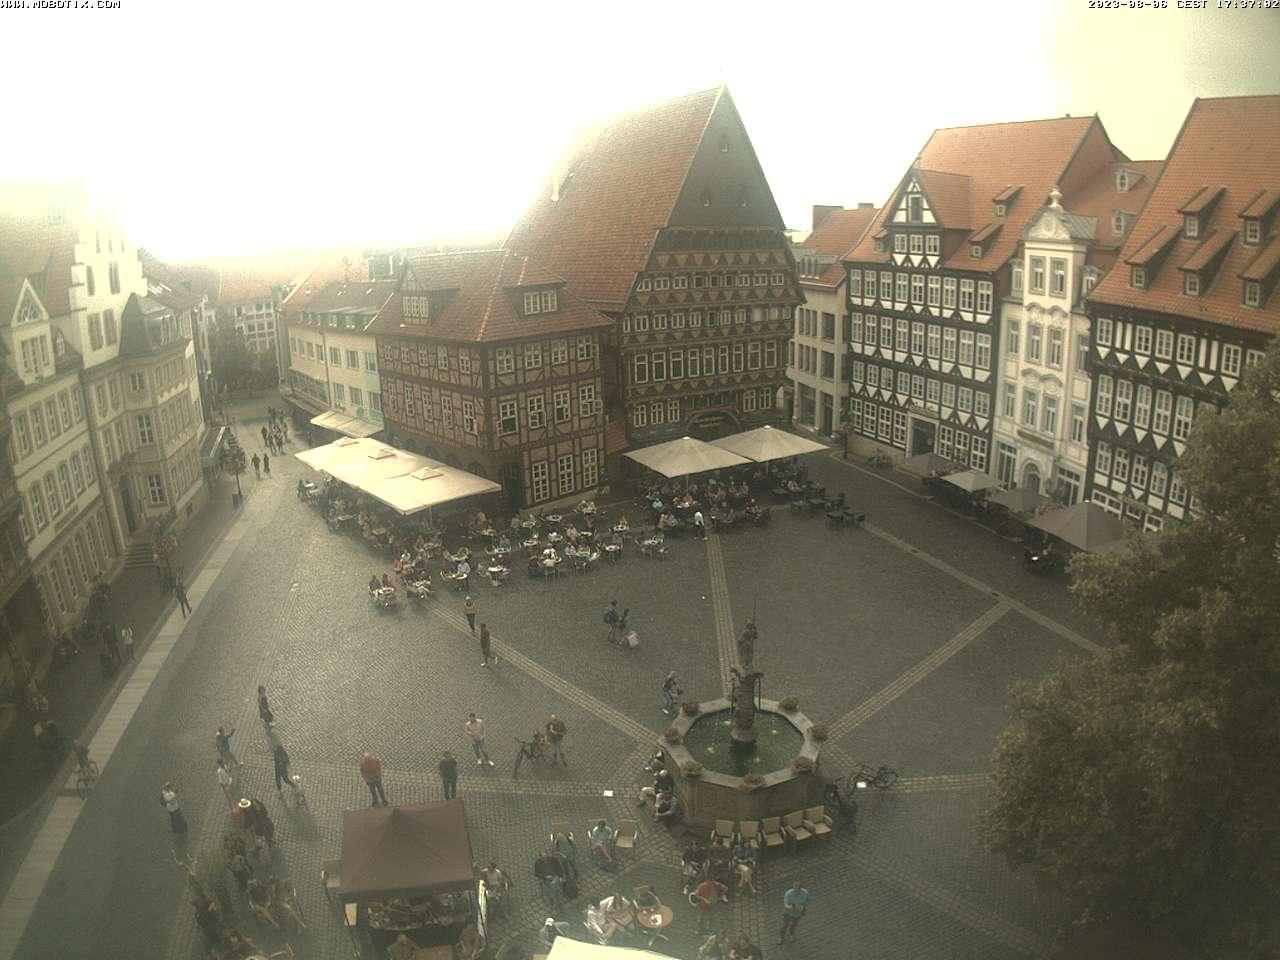 Die Webcam am Hildesheimer Marktplatz